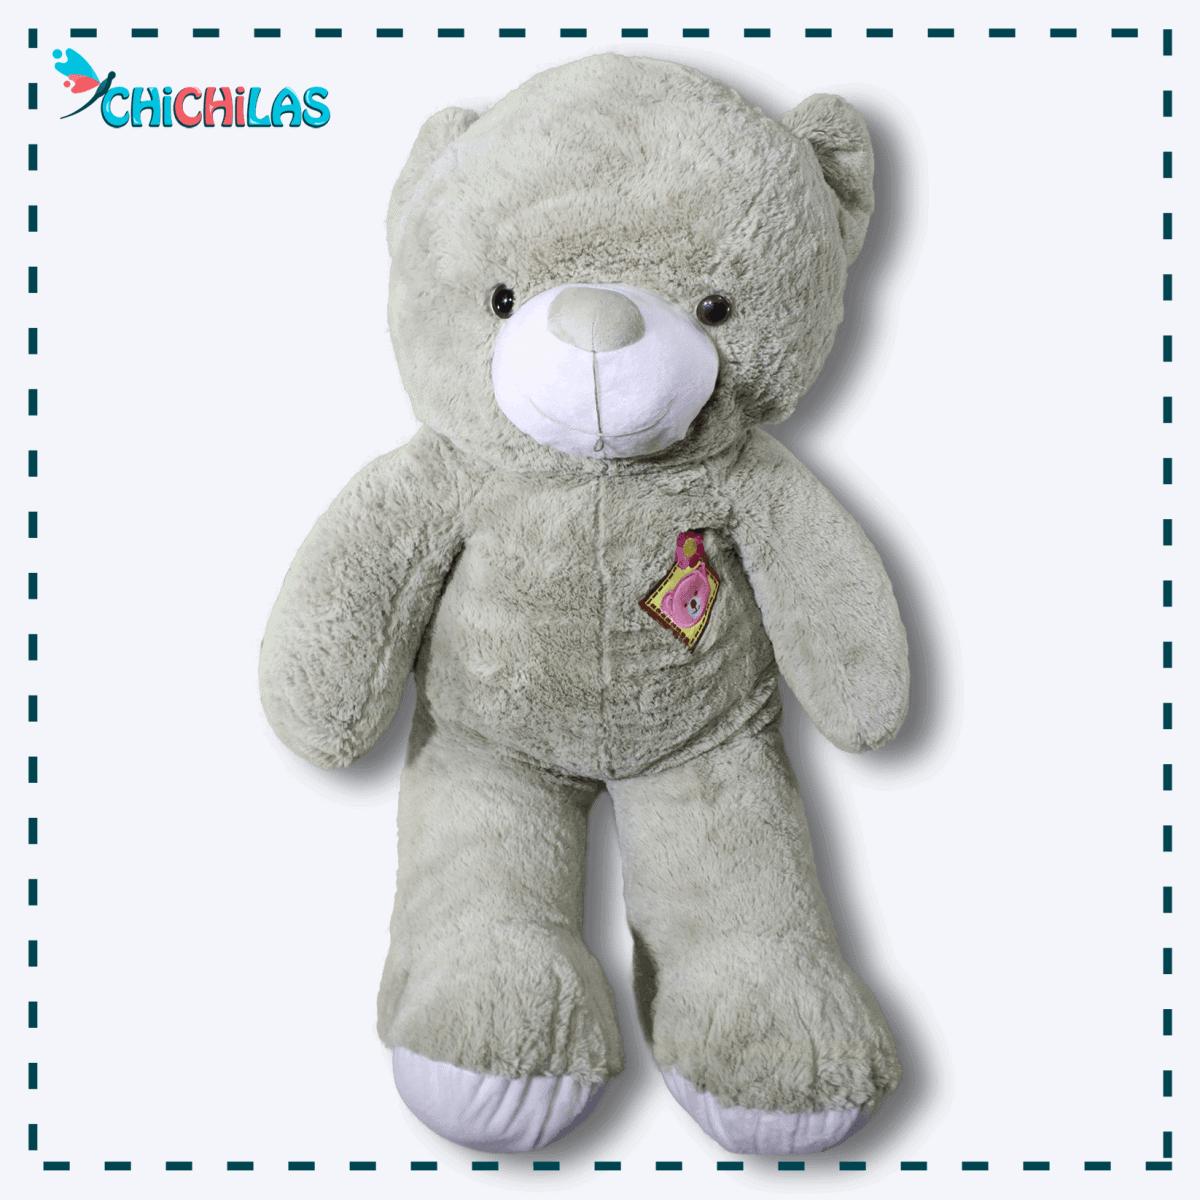 چیچیلاس - عروسک خرس - عروسک خرسی - خرس عروسکی - خرس ولنتاین - عروسک خرس گنده - عروسک خرس بزرگ